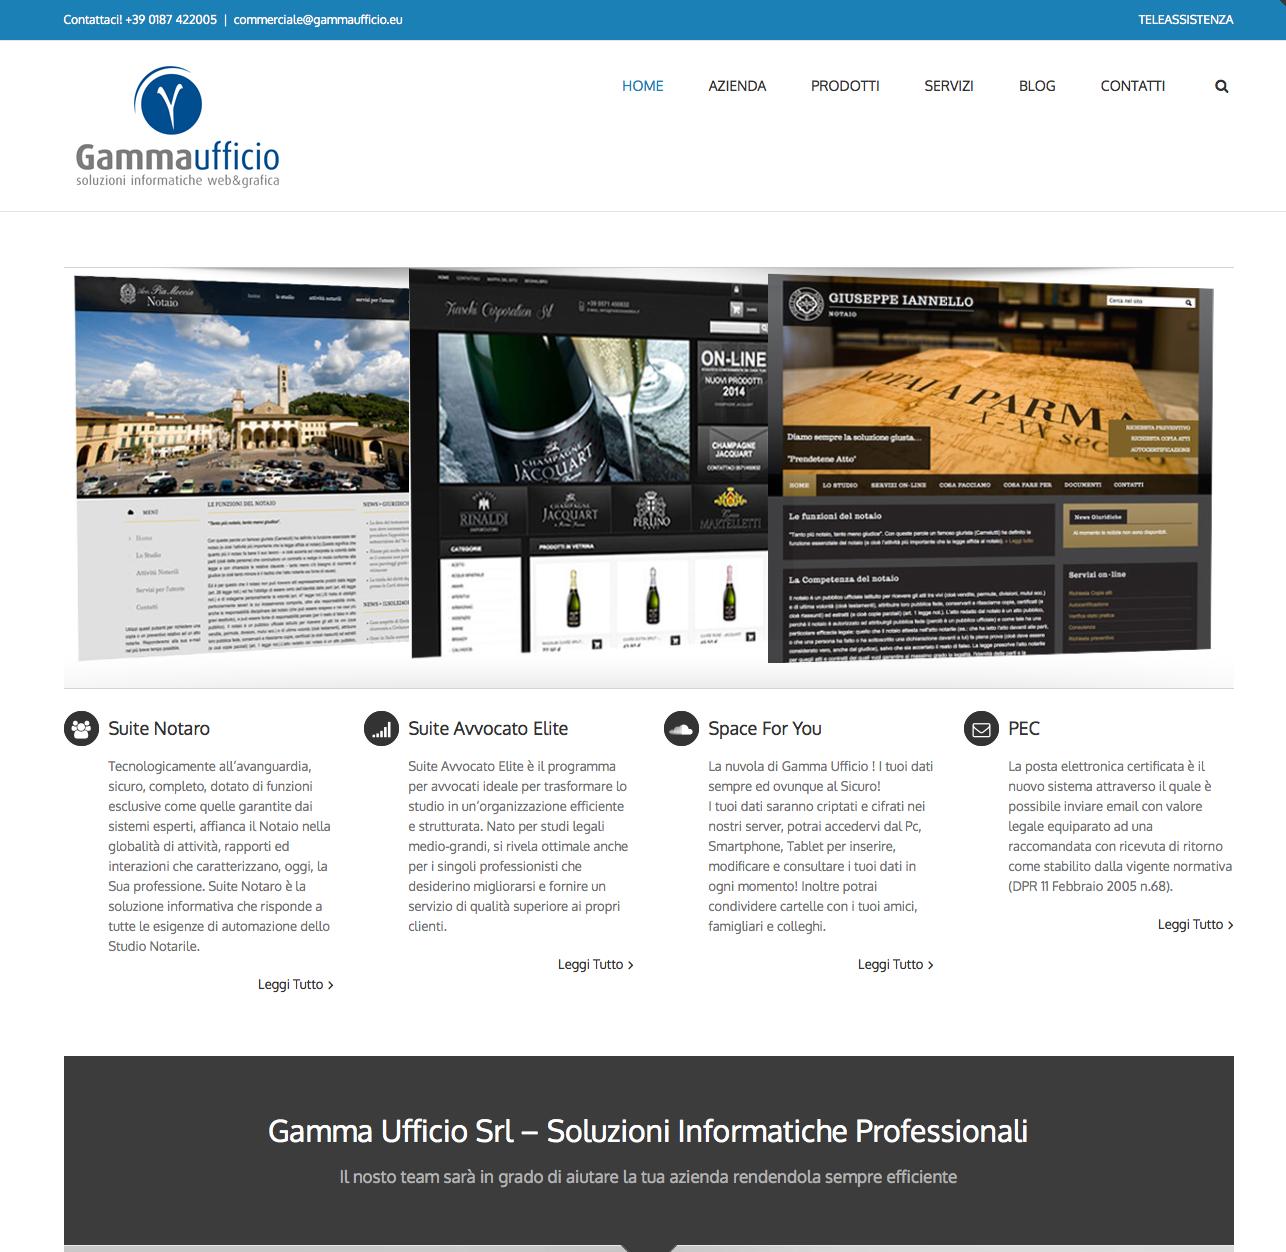 nuovo-sito-gamma-ufficio-srl-2014